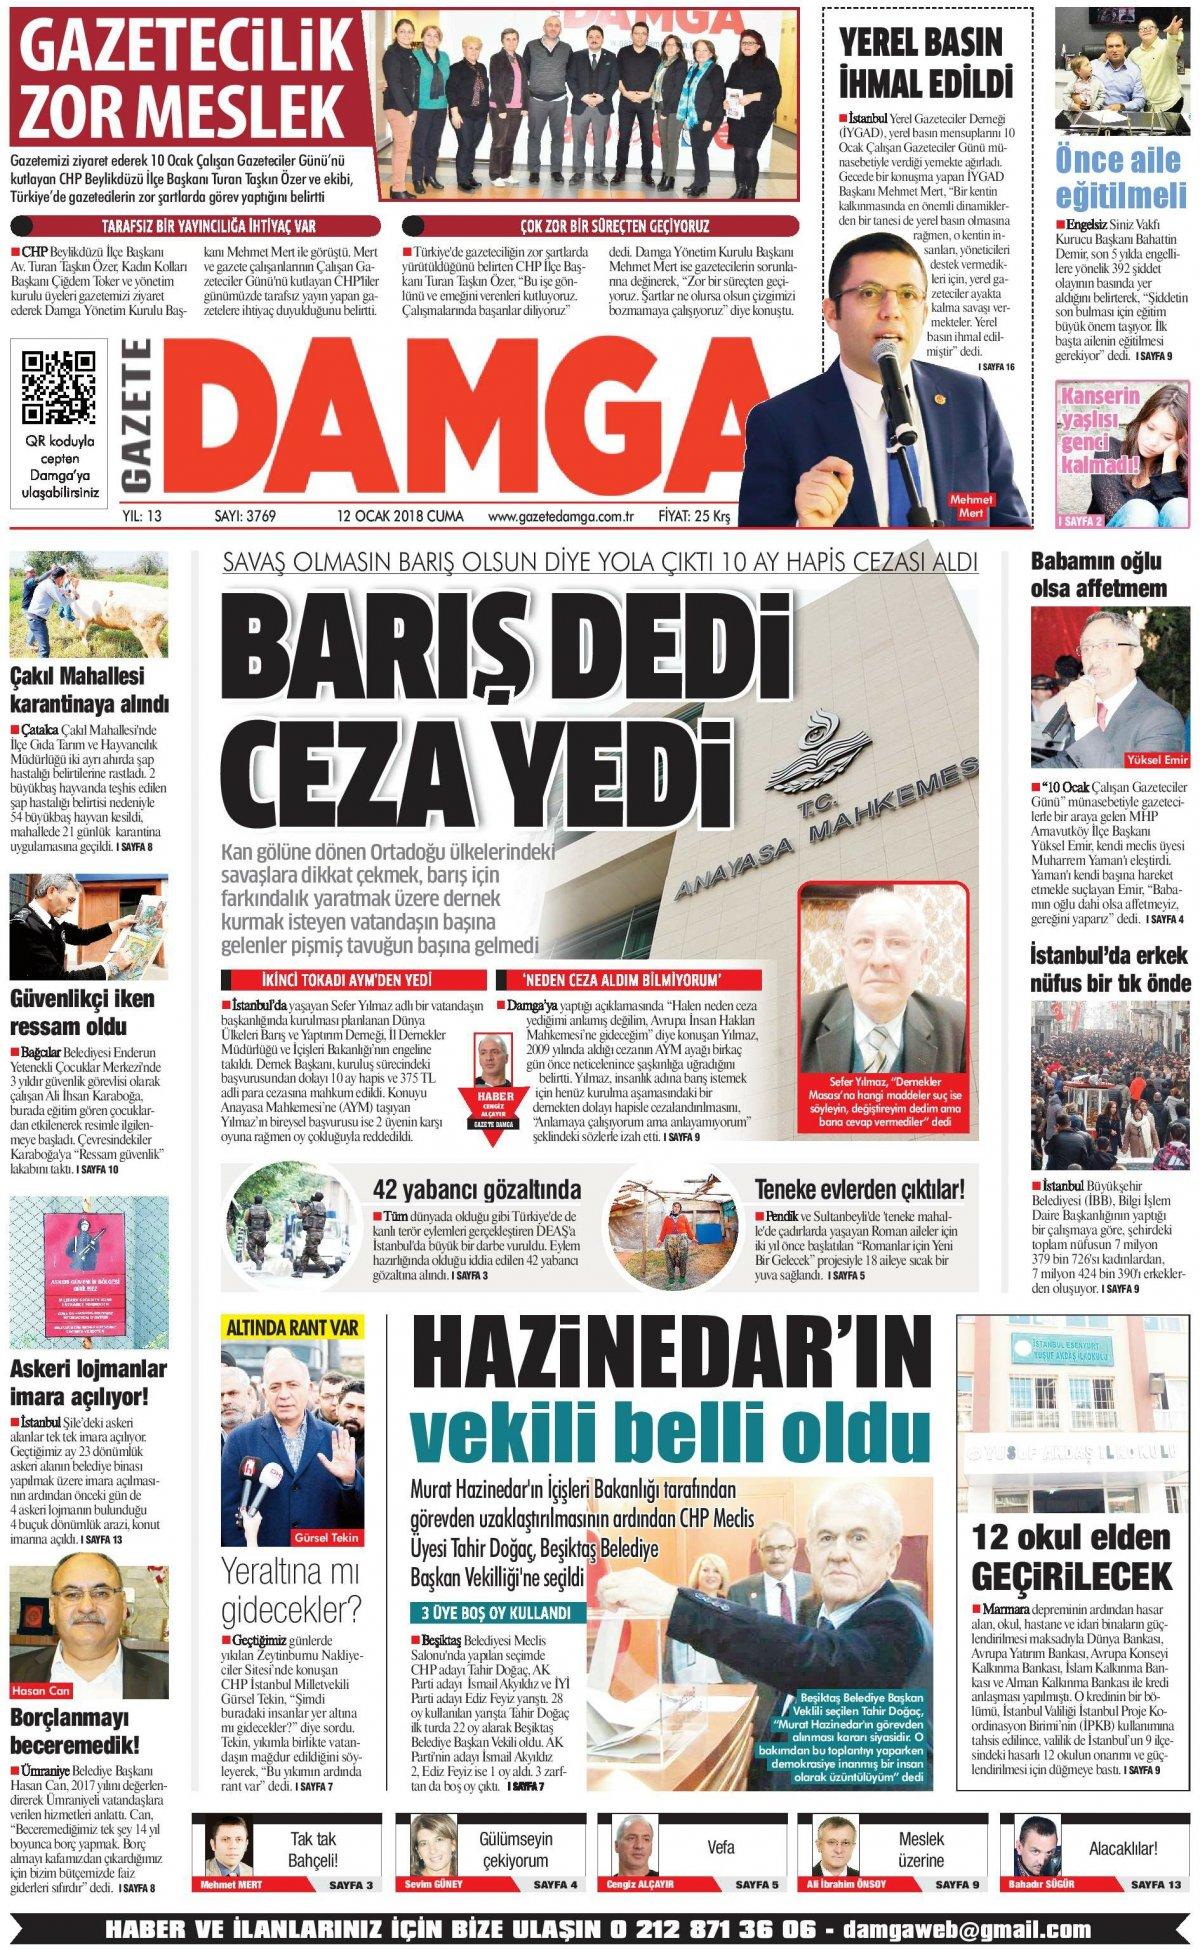 Gazete Damga - 12.01.2018 Manşeti